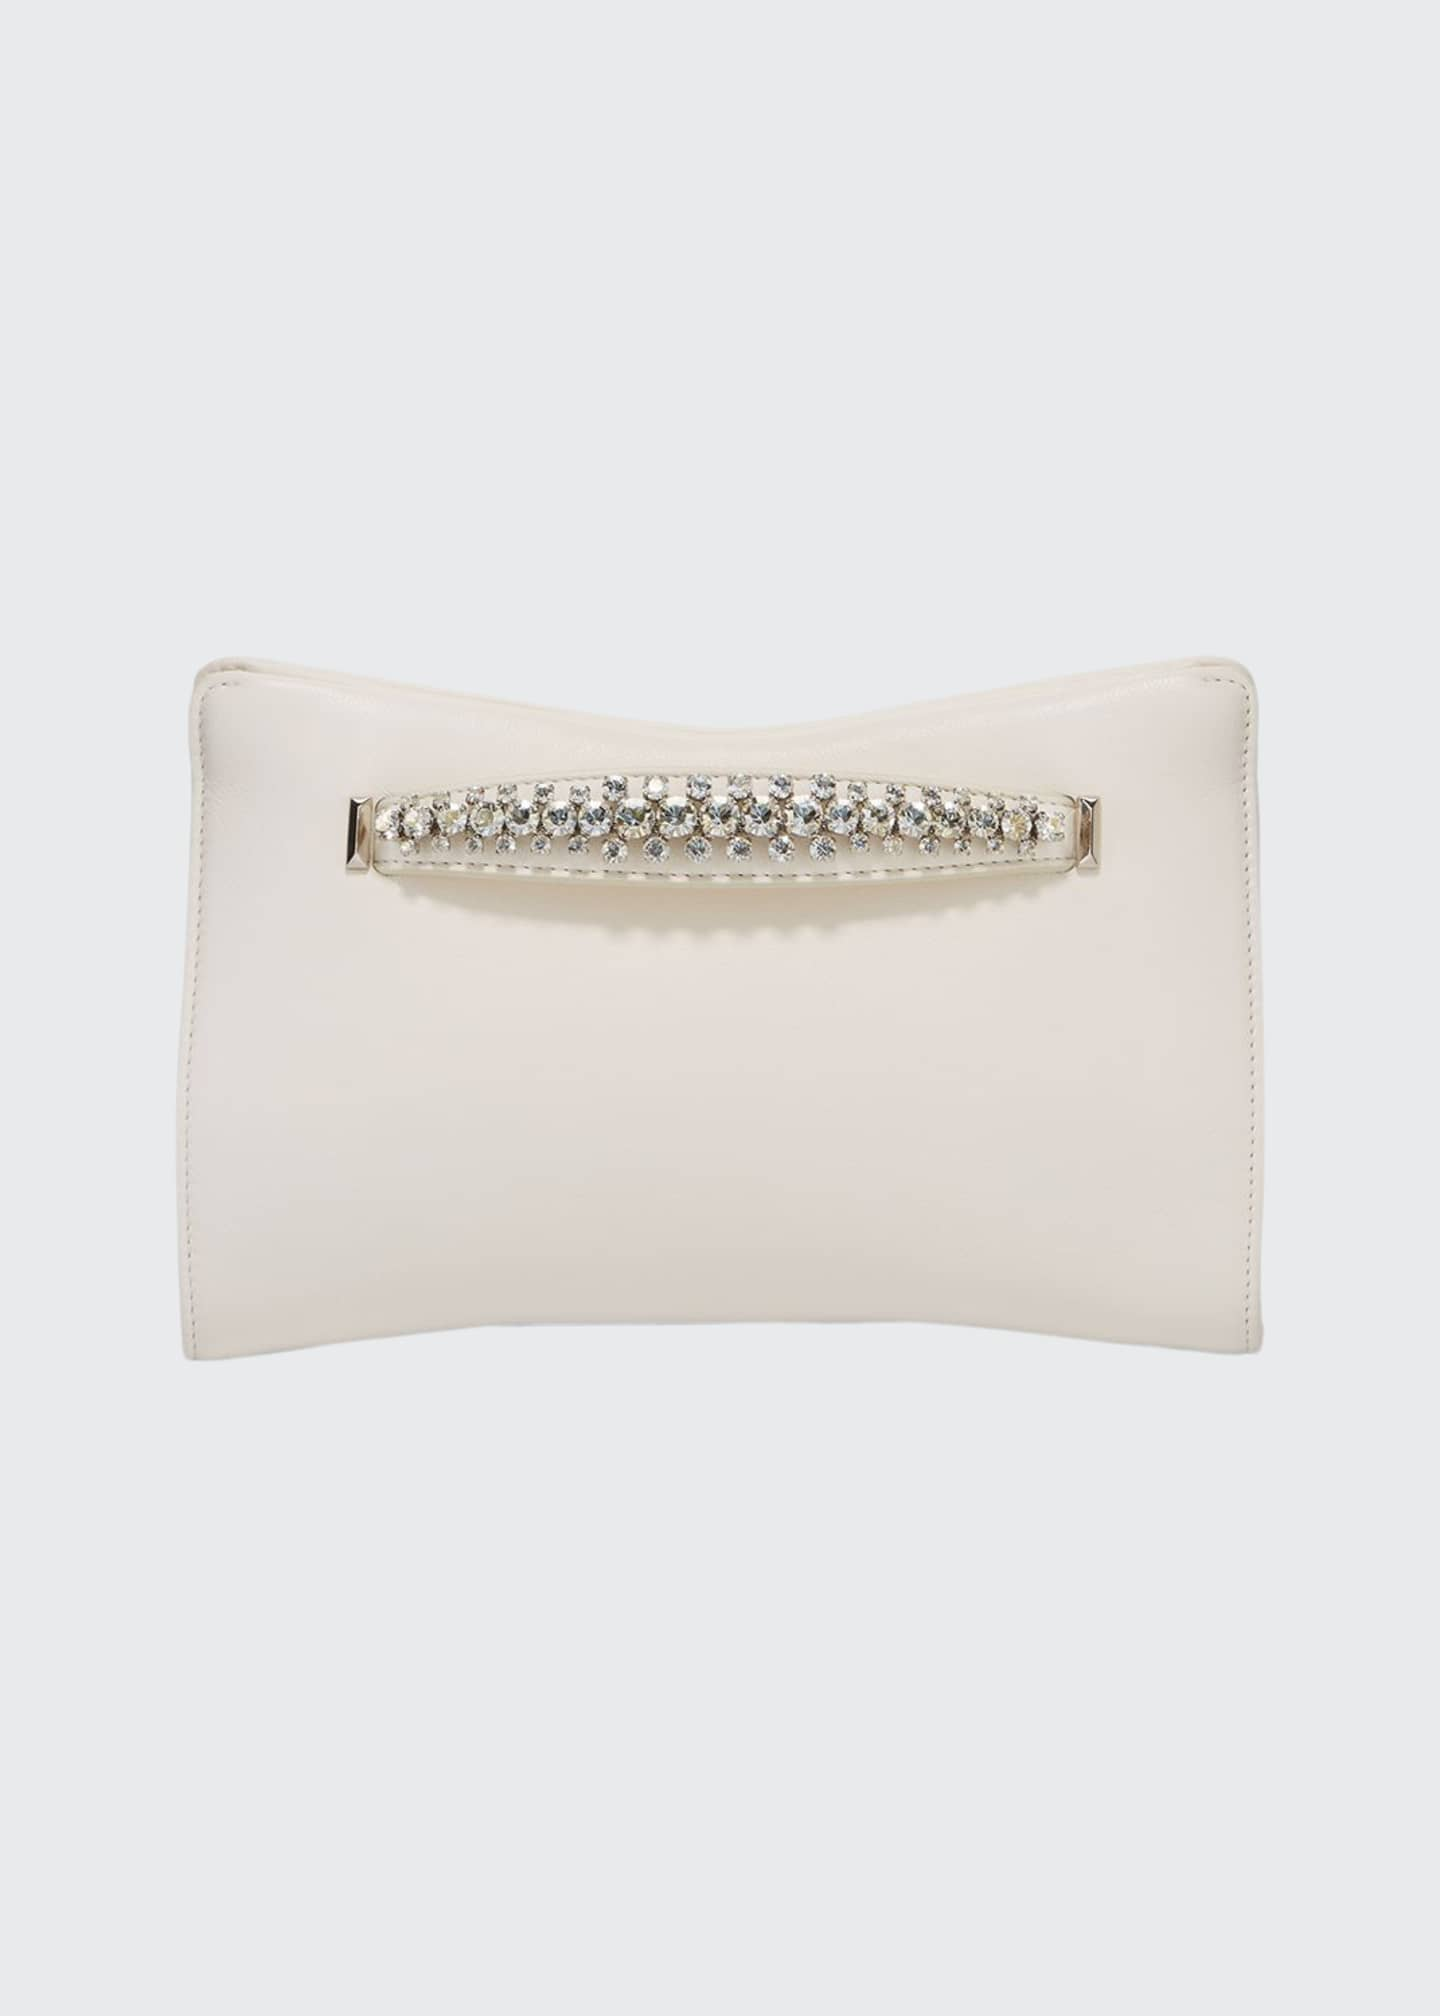 Jimmy Choo Venus Napa Leather Clutch